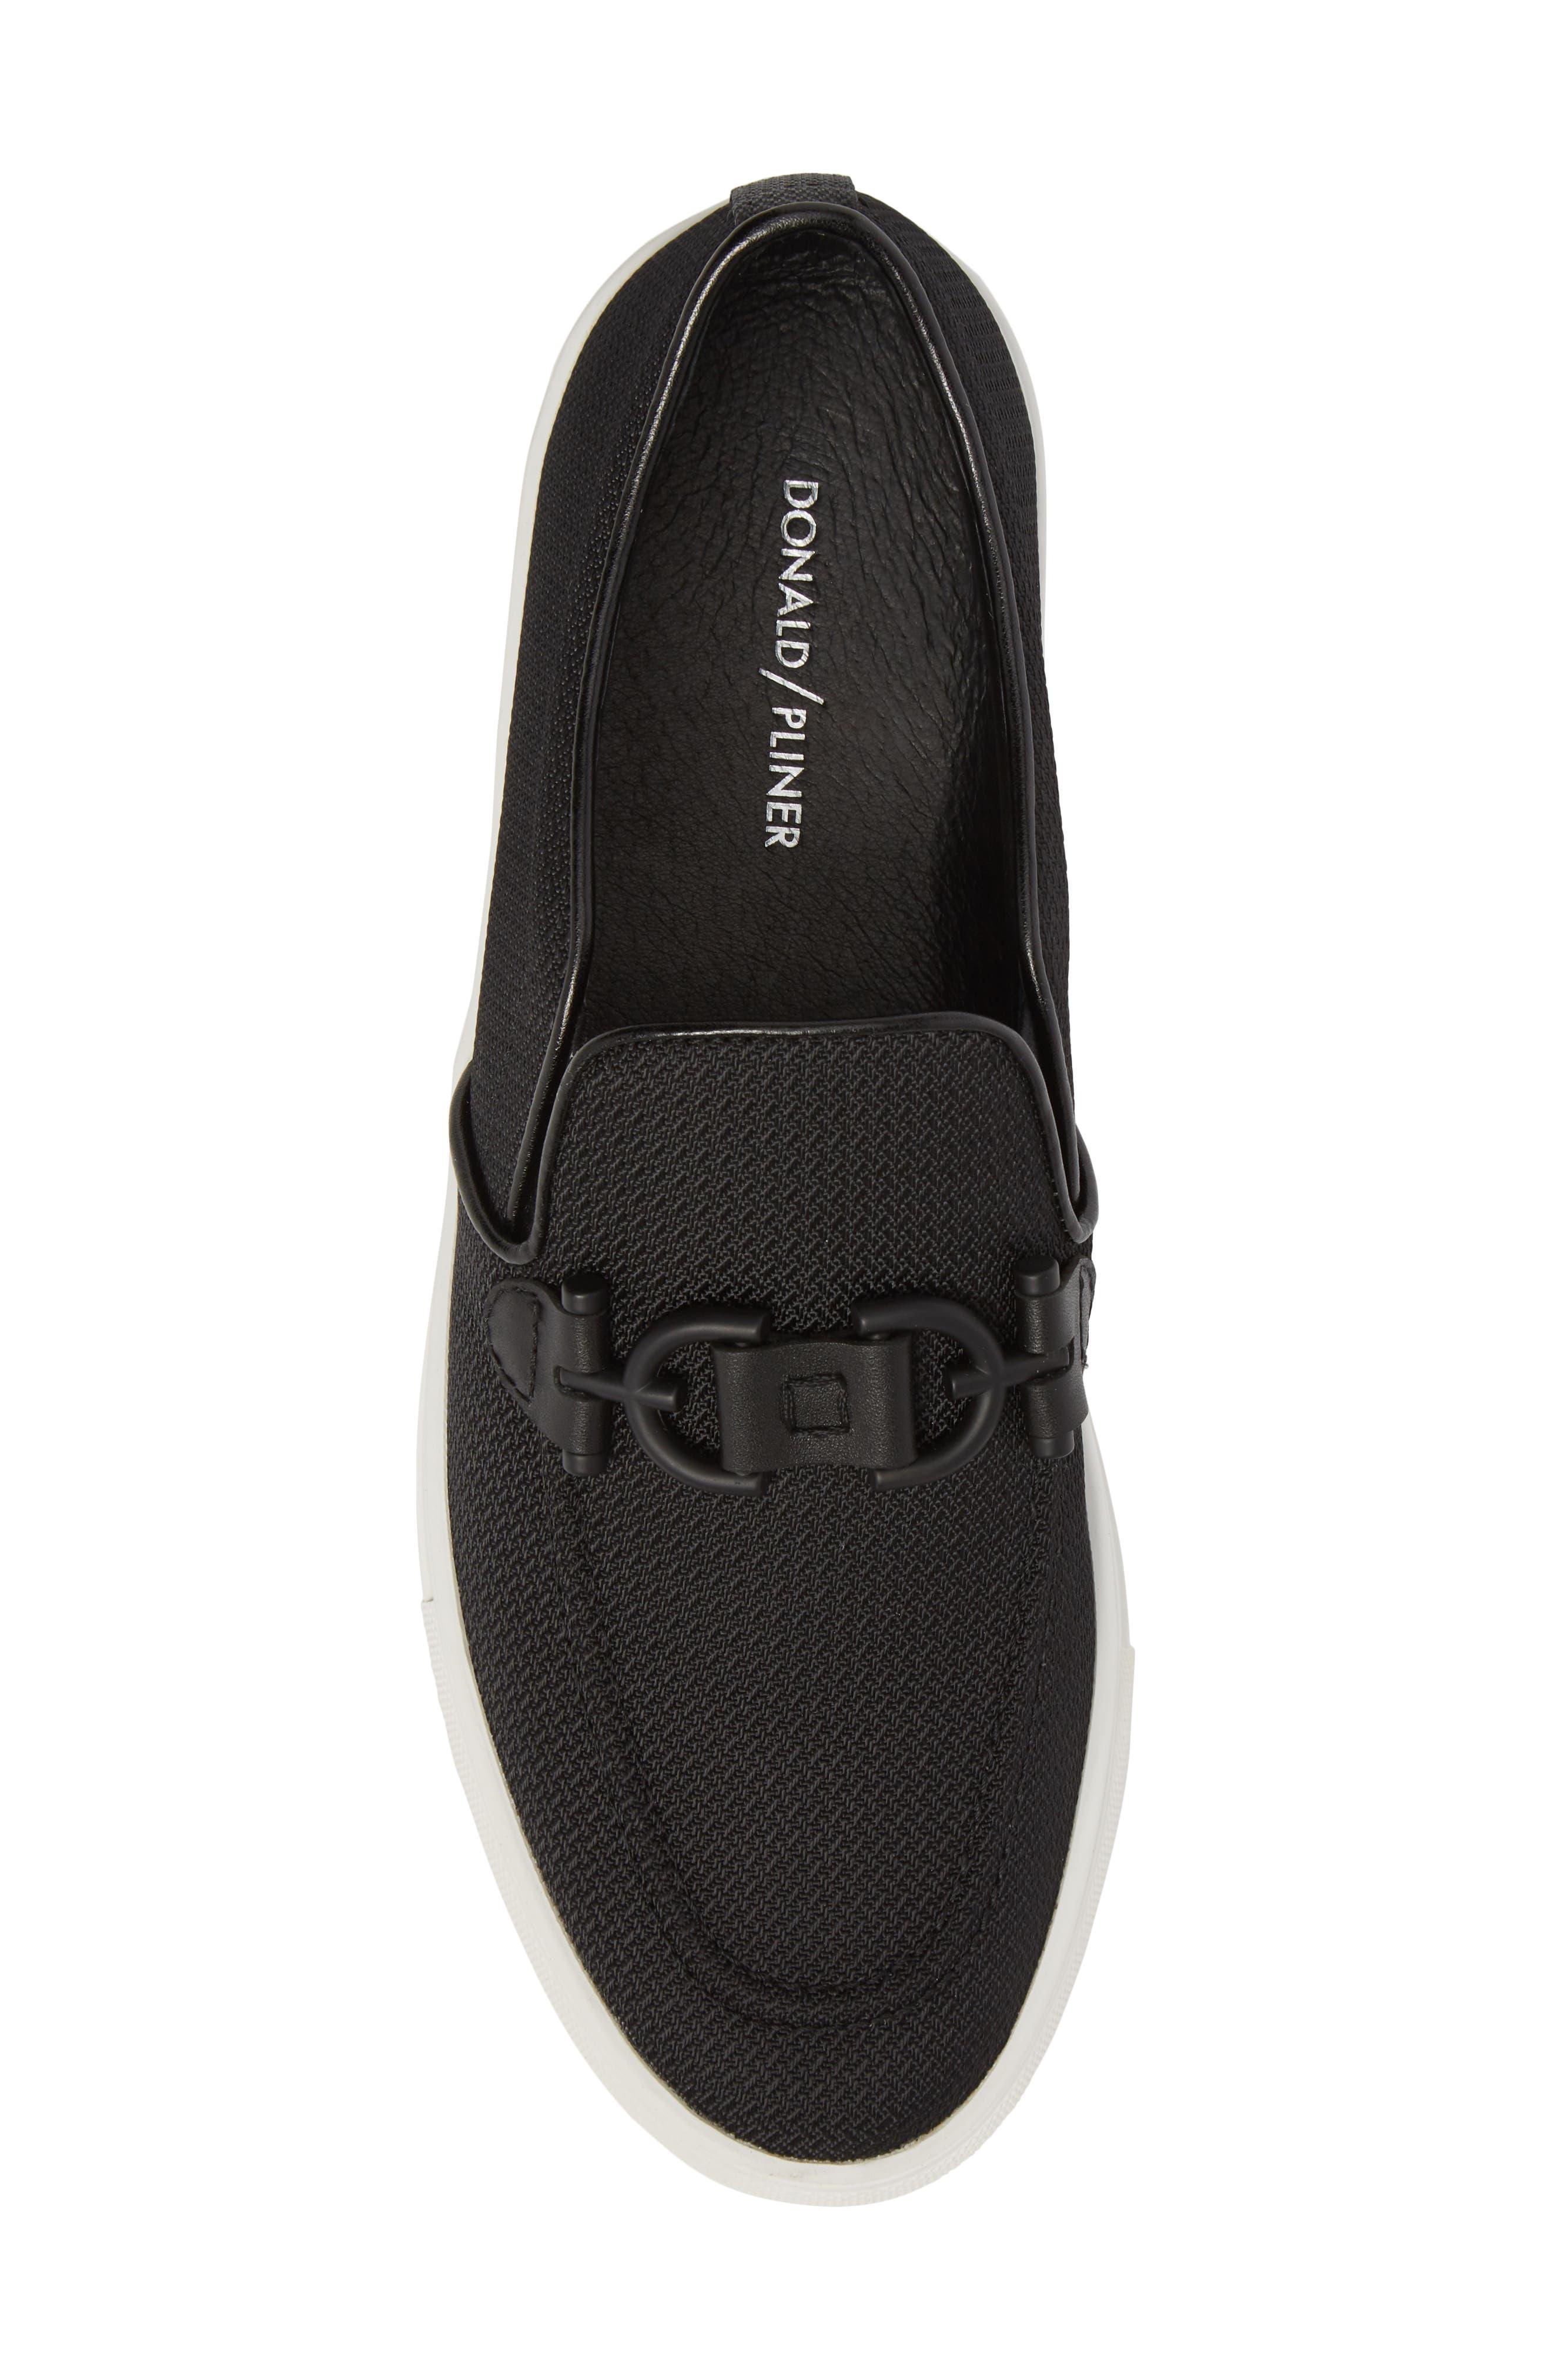 Andor Bit Slip-On Sneaker,                             Alternate thumbnail 5, color,                             001